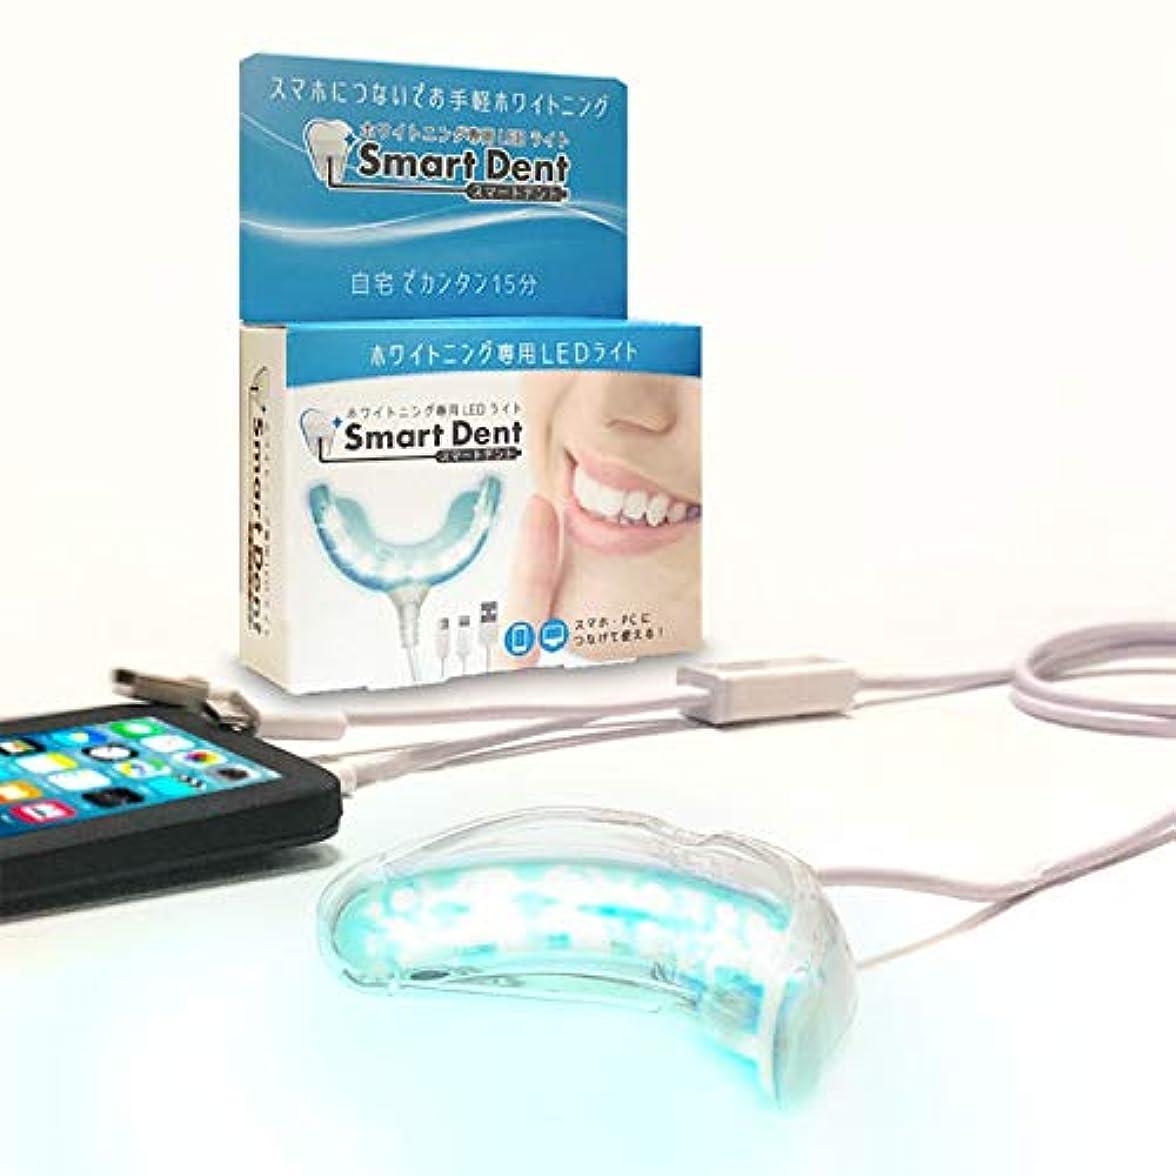 間違えた悲鳴カストディアンスマートデント (Smart Dent) お手軽ホワイトニング セルフケア [LEDライトのみ] シリコン マウスピース 【一般医療機器】